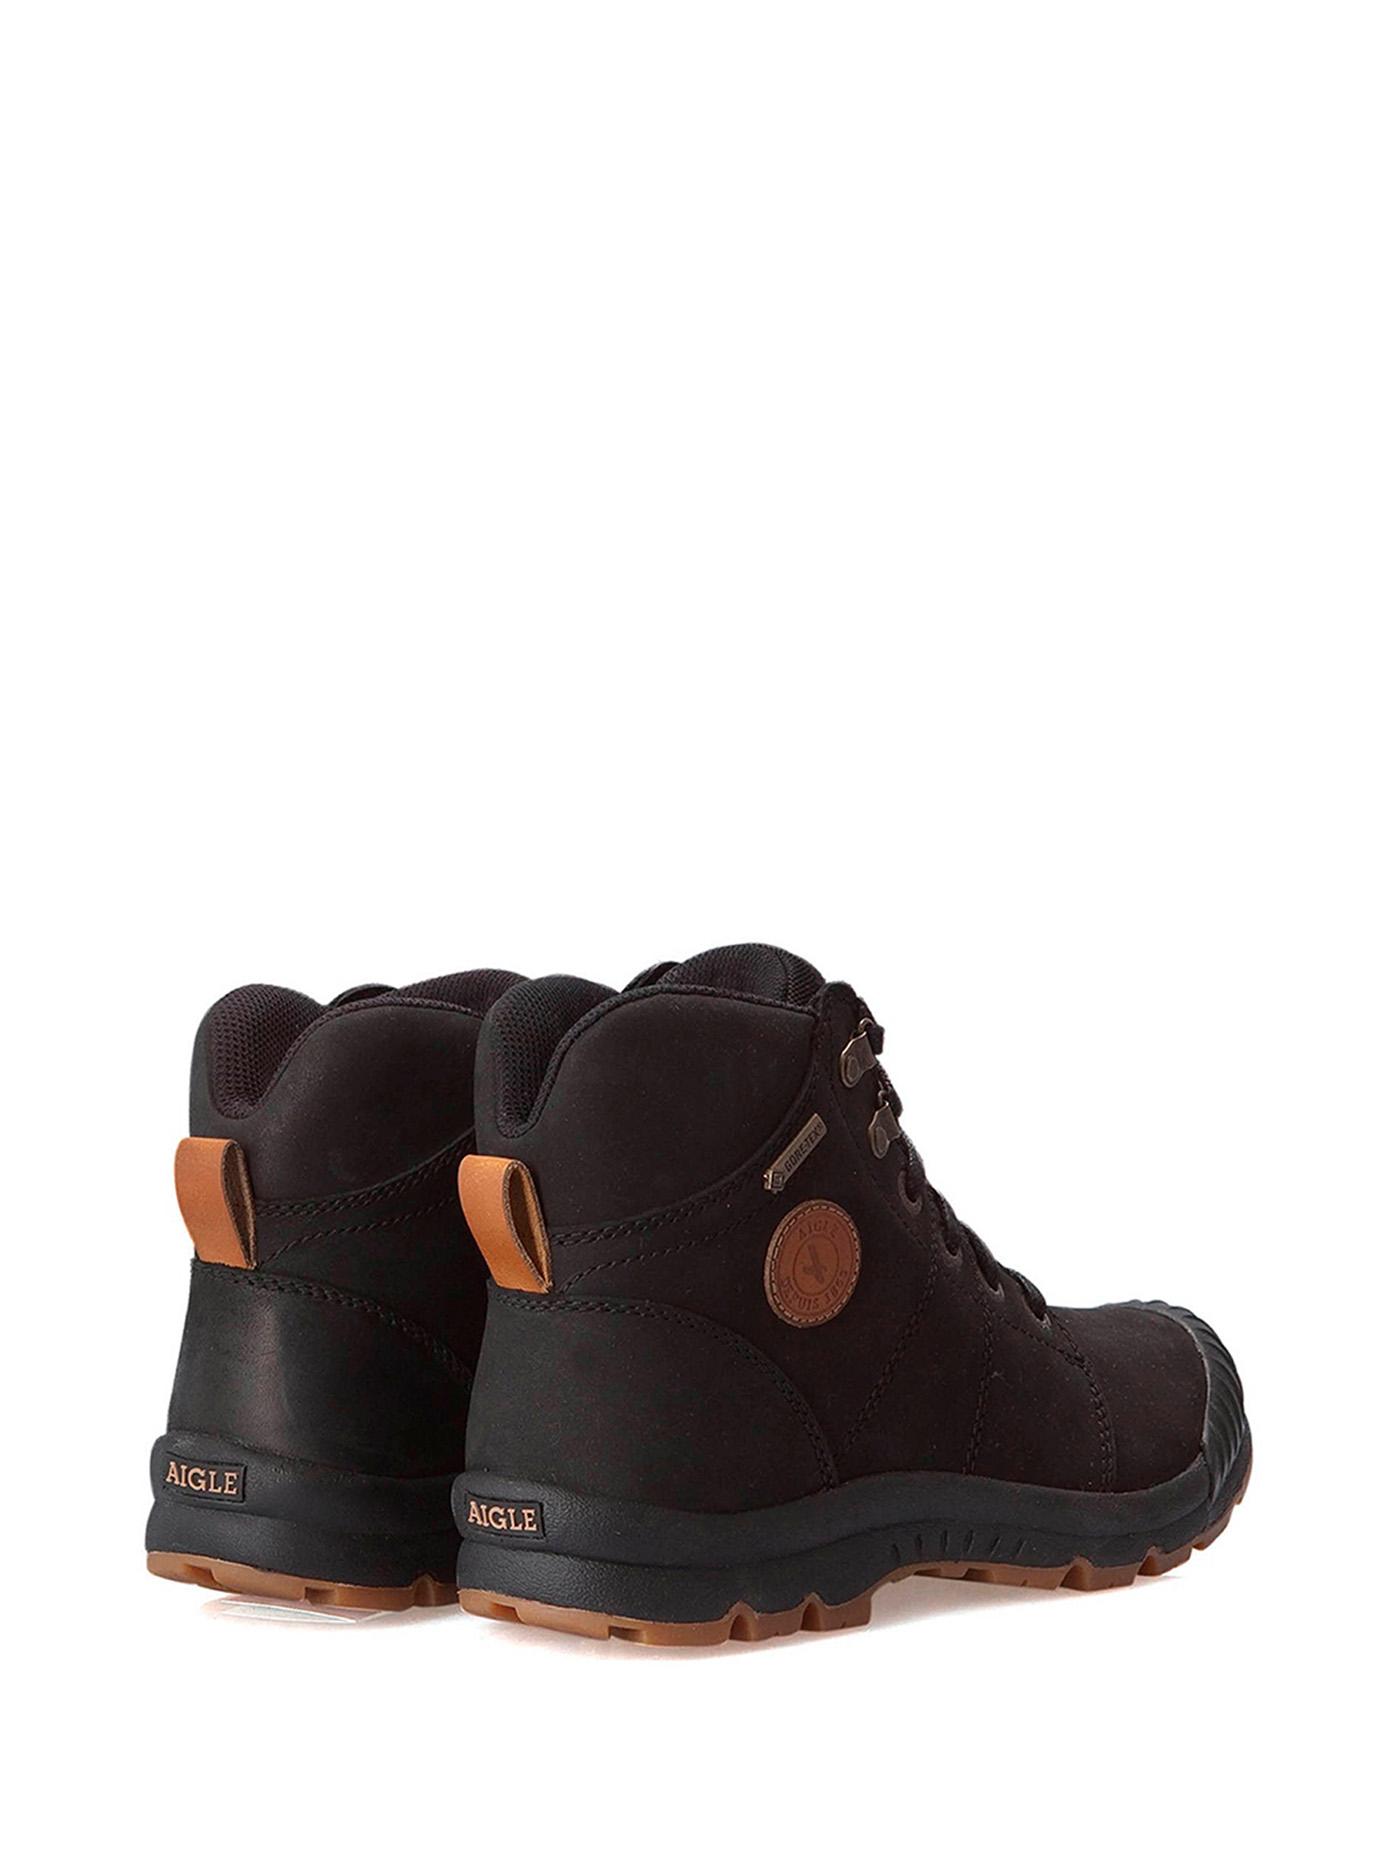 Aigle - Women's Gore-Tex® walking shoes